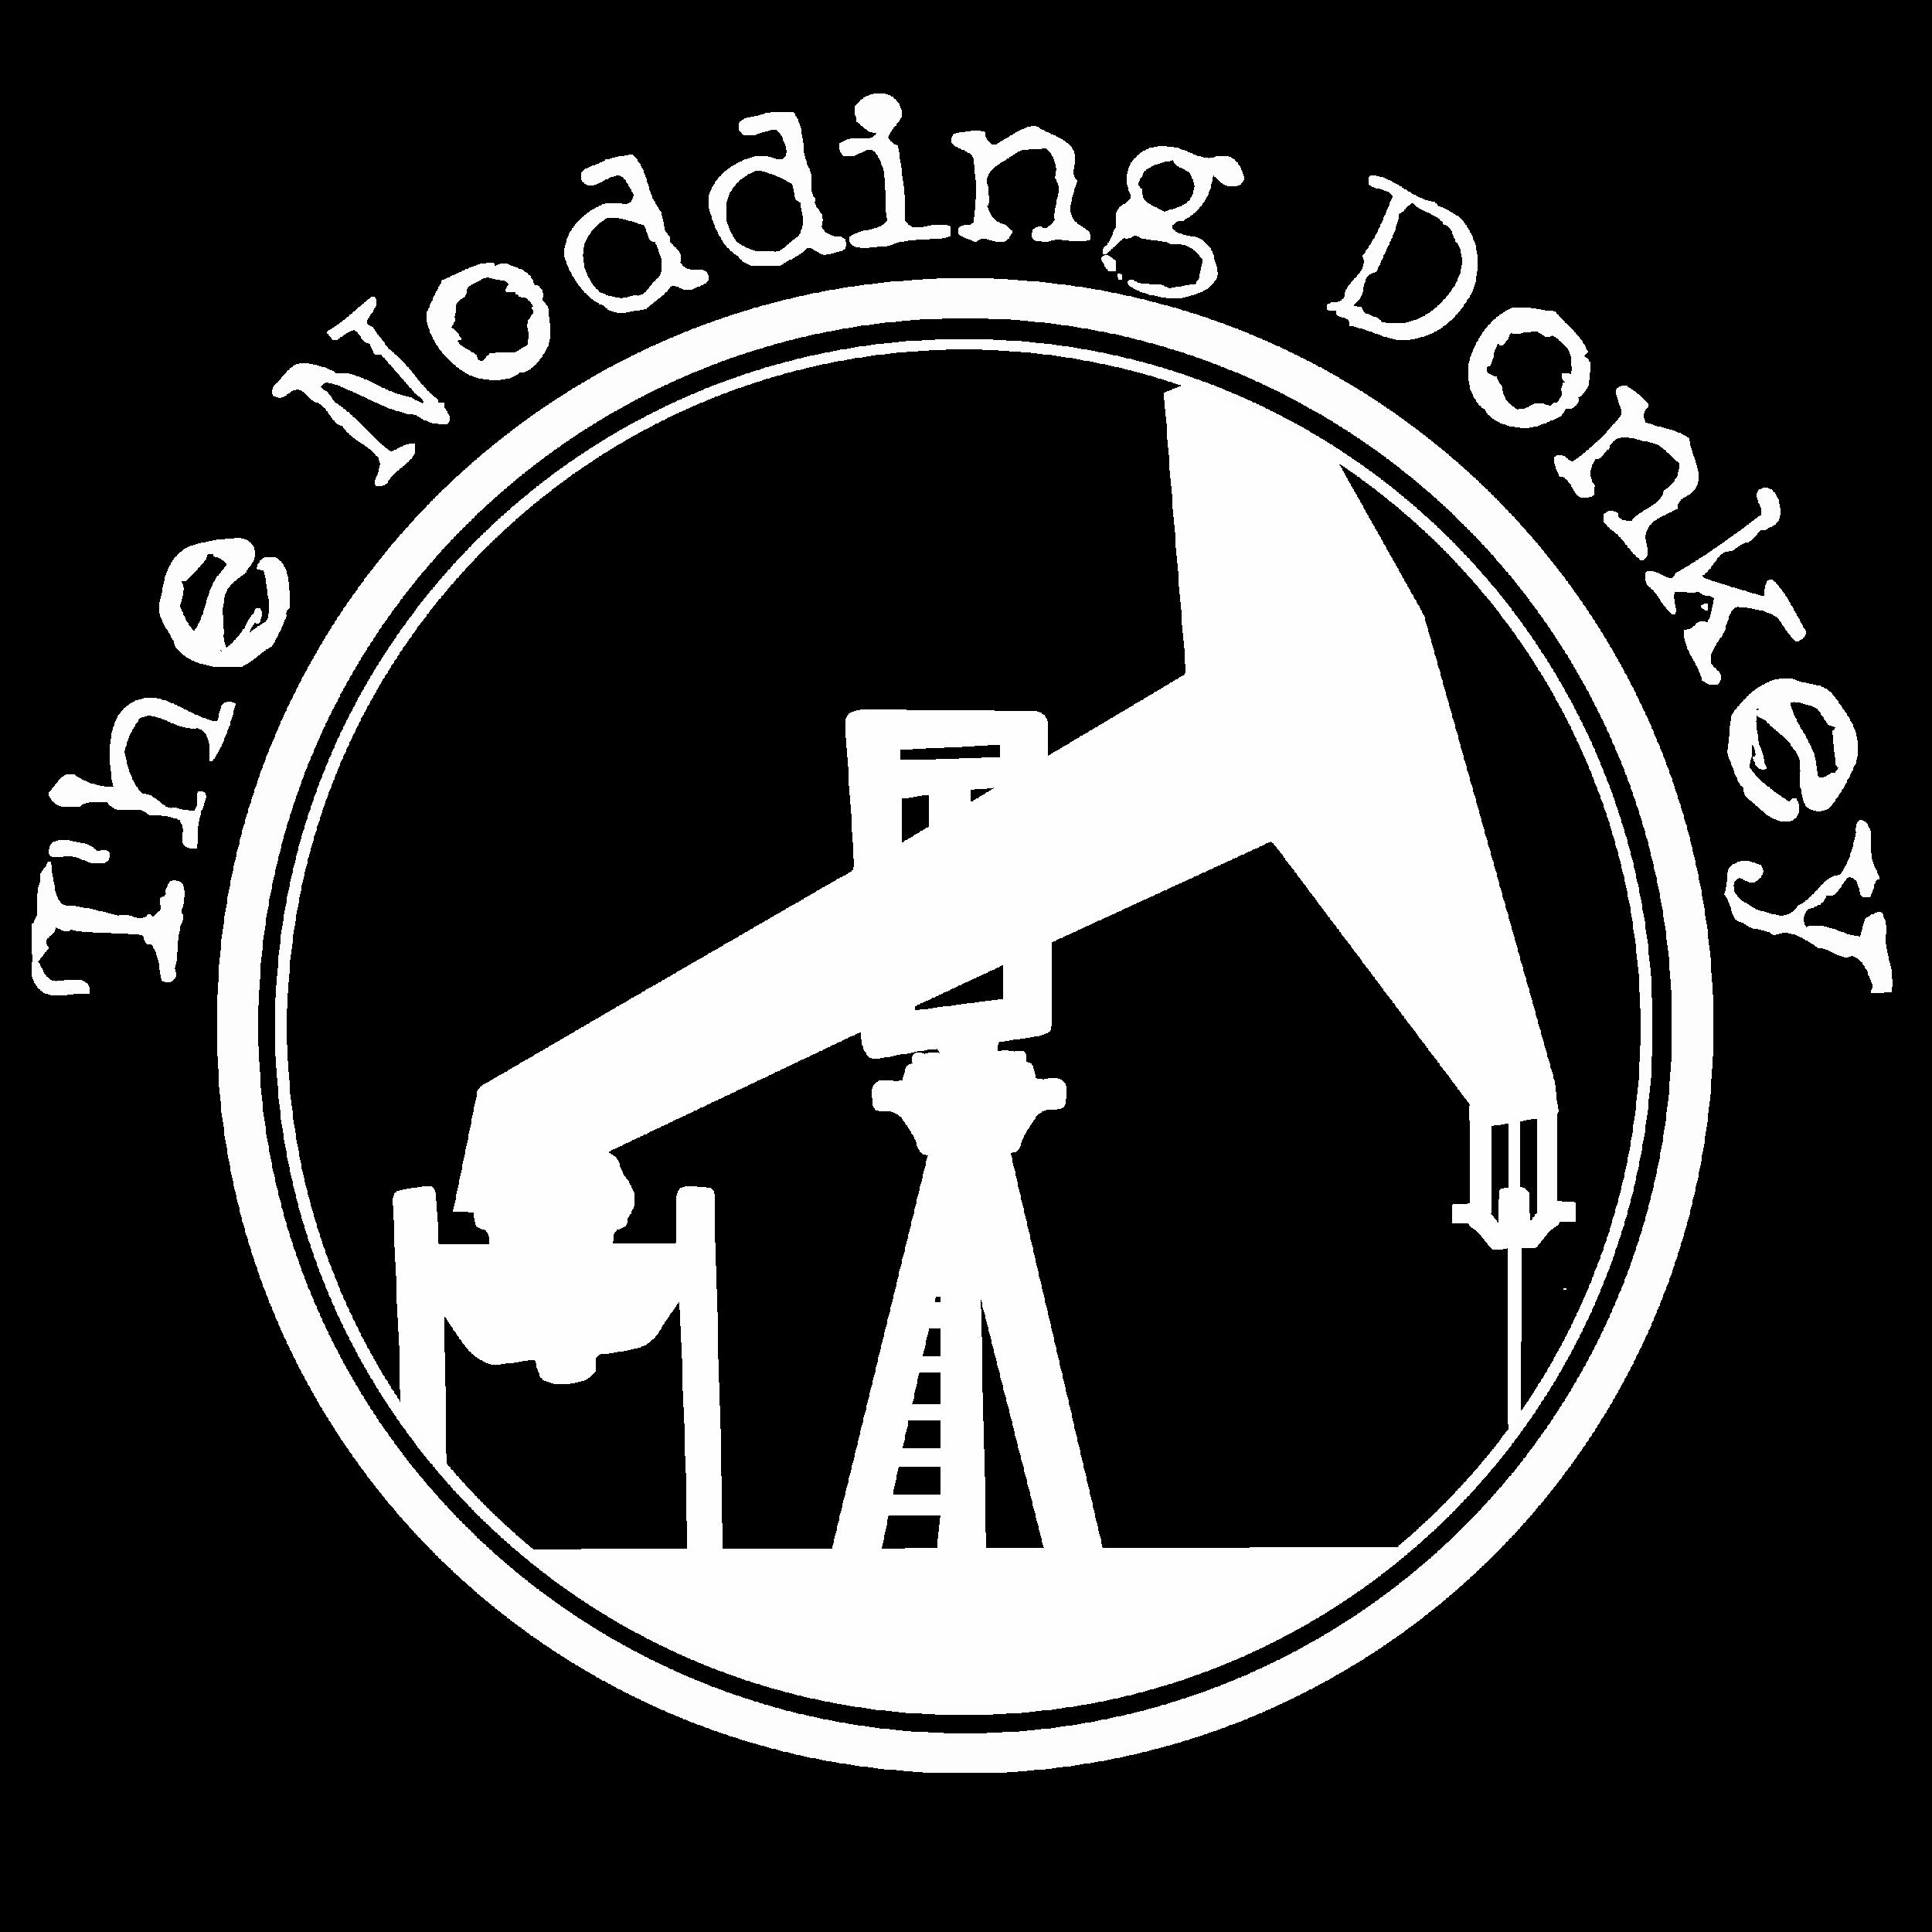 Nodding Donkey logo reversed copy.png